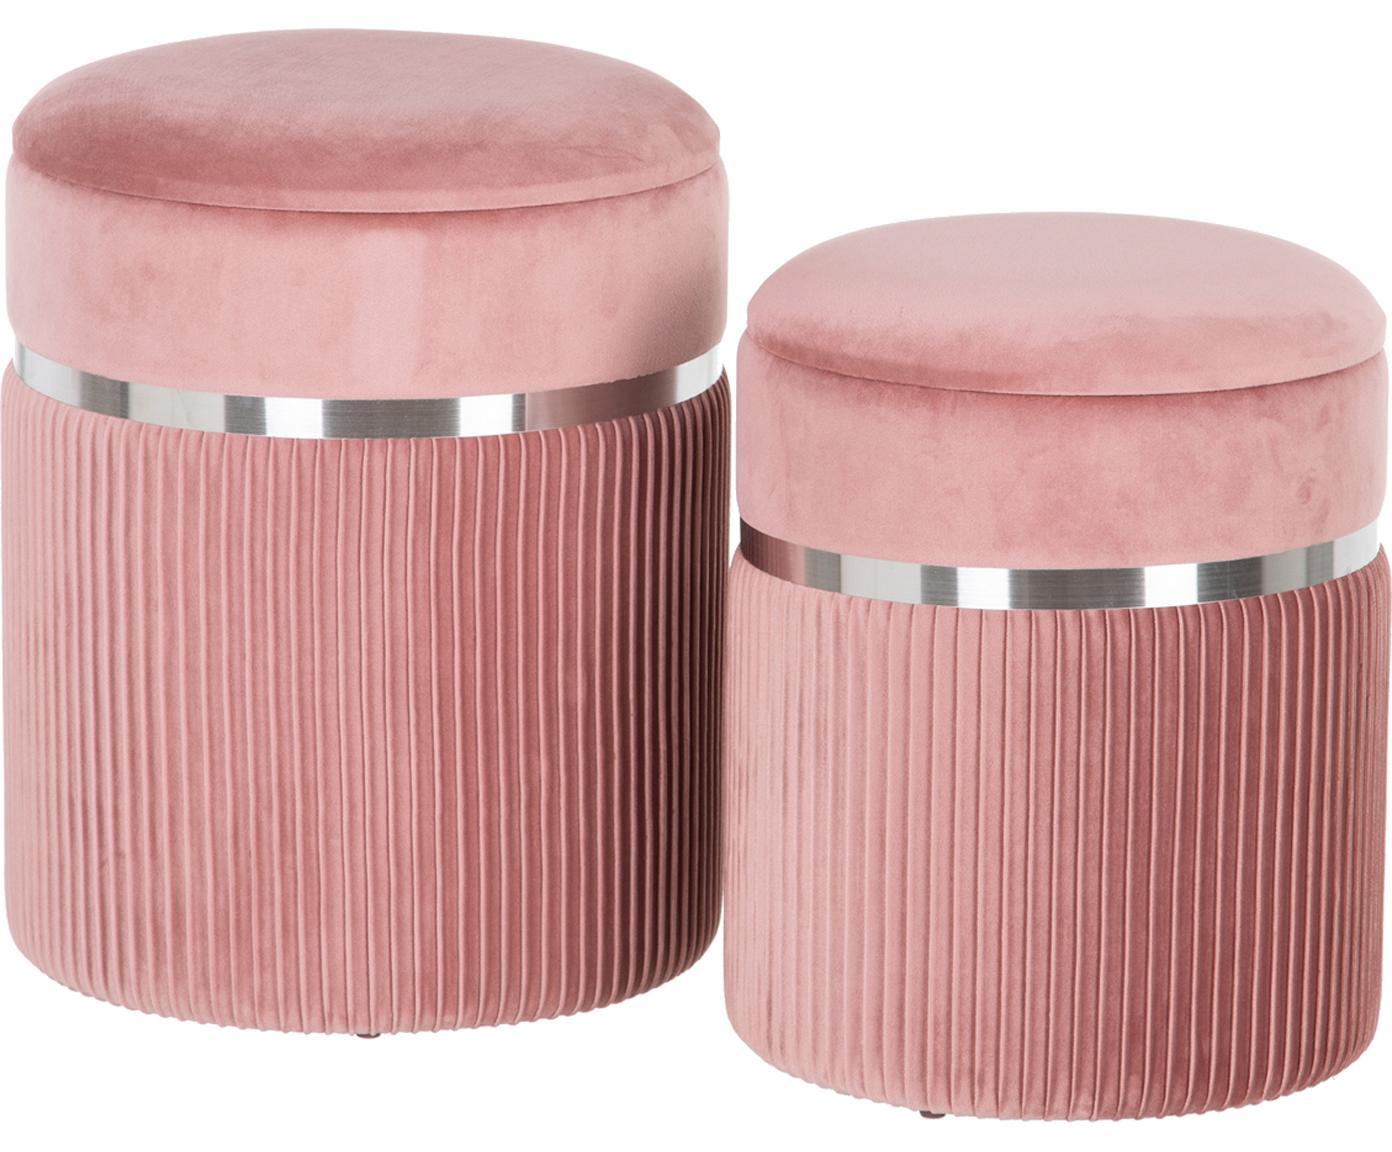 Set 2 pouf contenitori in velluto Chest, Rivestimento: poliestere (velluto), Sottostruttura: legno, Rosa, argentato, Diverse dimensioni